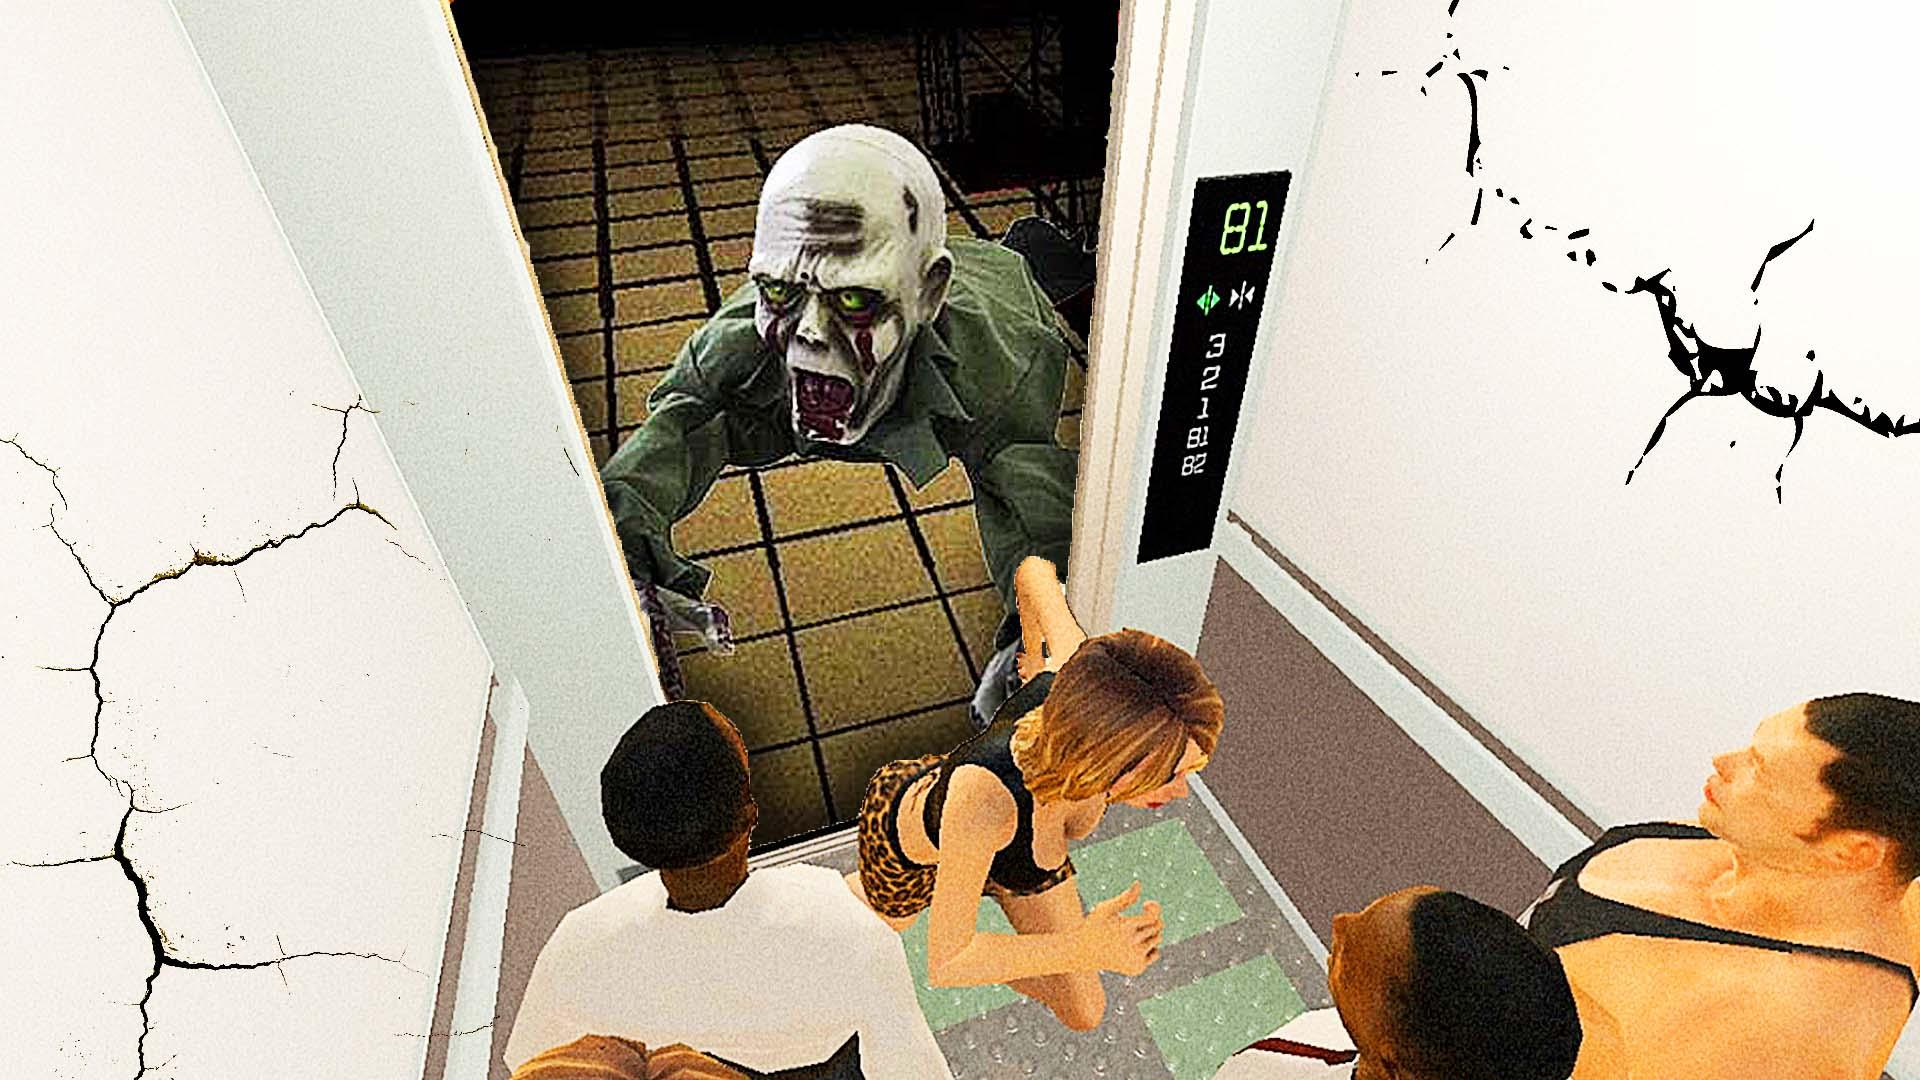 扶梯僵尸游戏_僵尸电梯模拟电梯理员,帮助大楼里的幸存者逃跑屌德斯解说